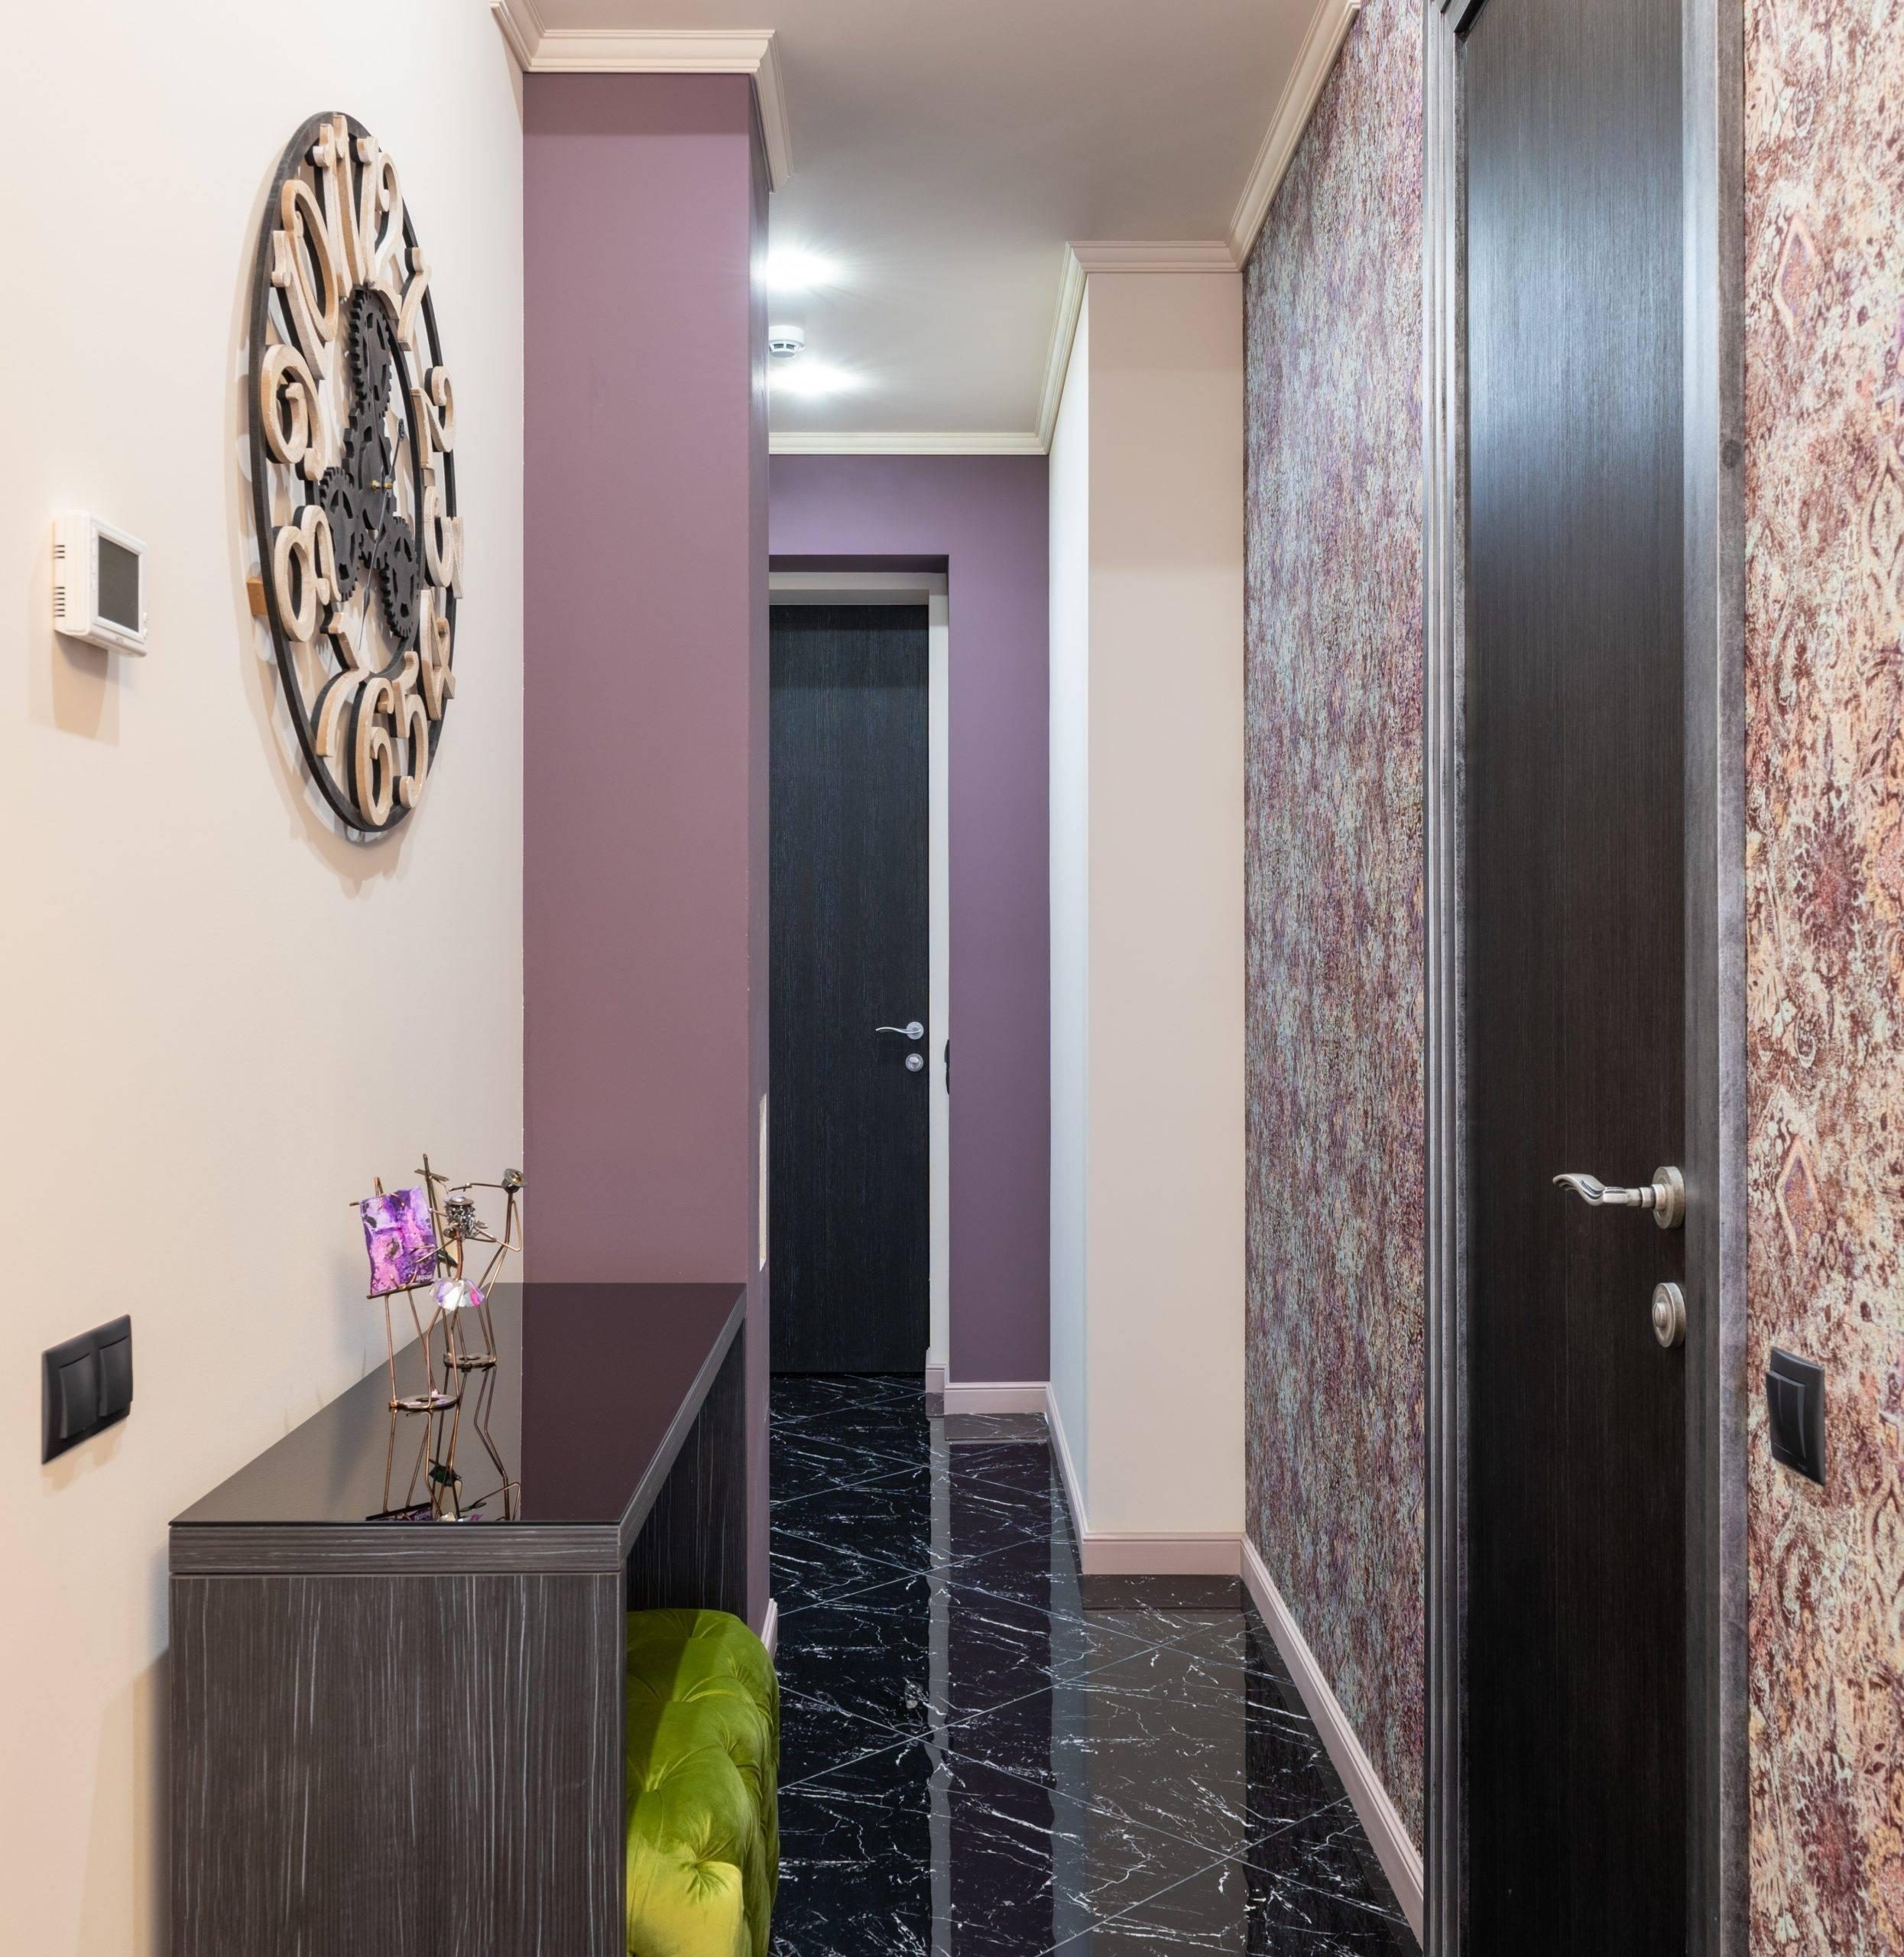 Hành lang với những bức tường hoa oải hương và đồng hồ tròn kích thước lớn